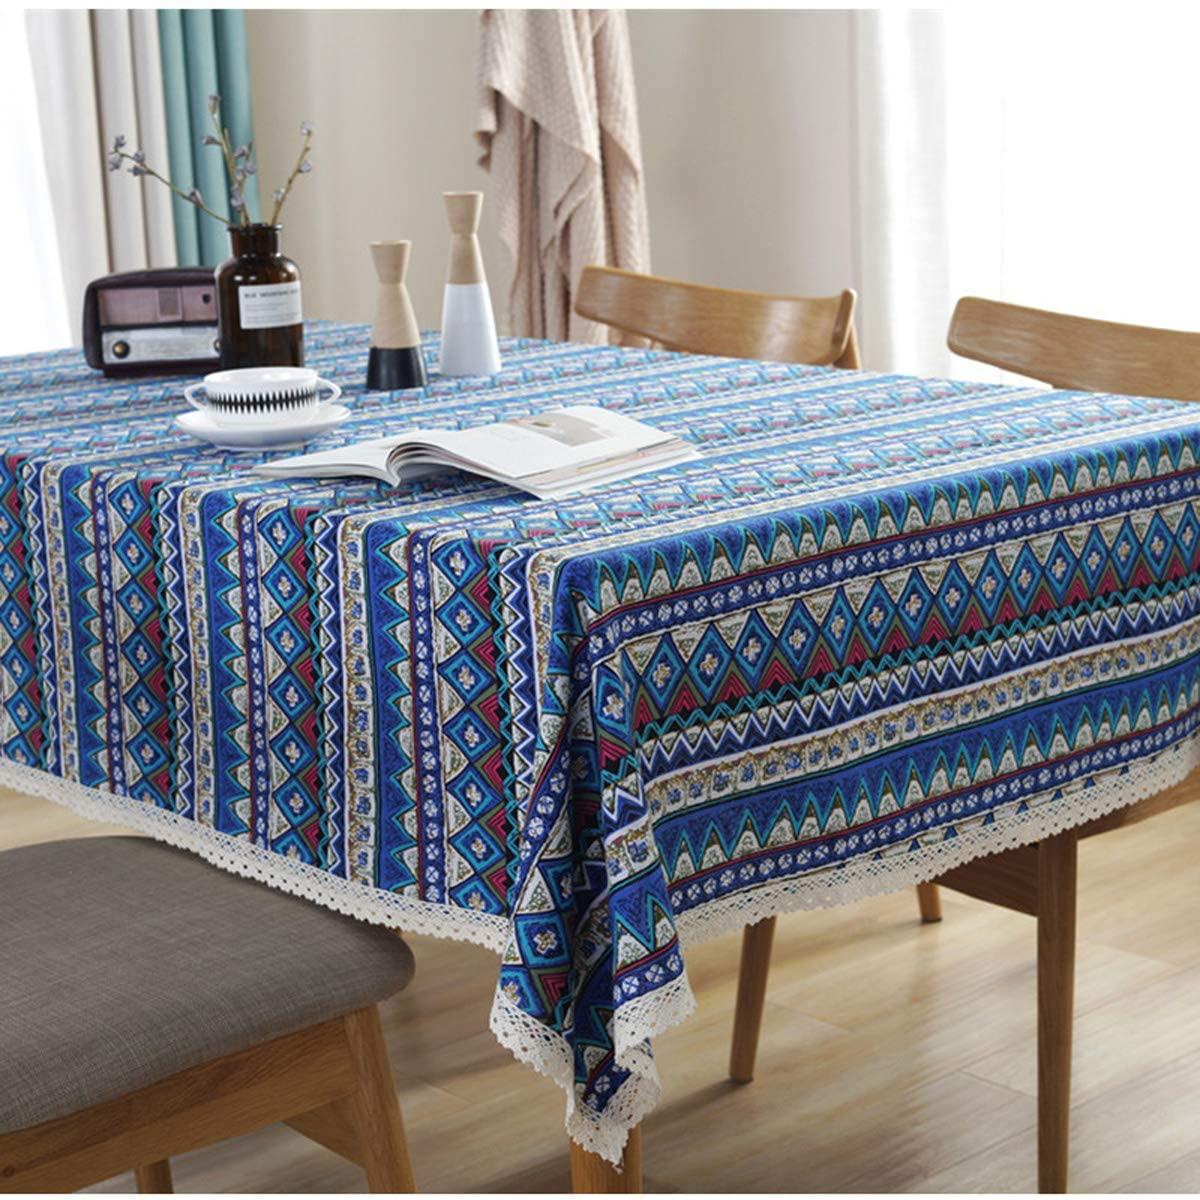 Pa.an zmywalny bawełniany lniany koronkowy styl boho geometryczny wzór kwadratowy obrus obiad obrus na stół piknikowy Home Decoration